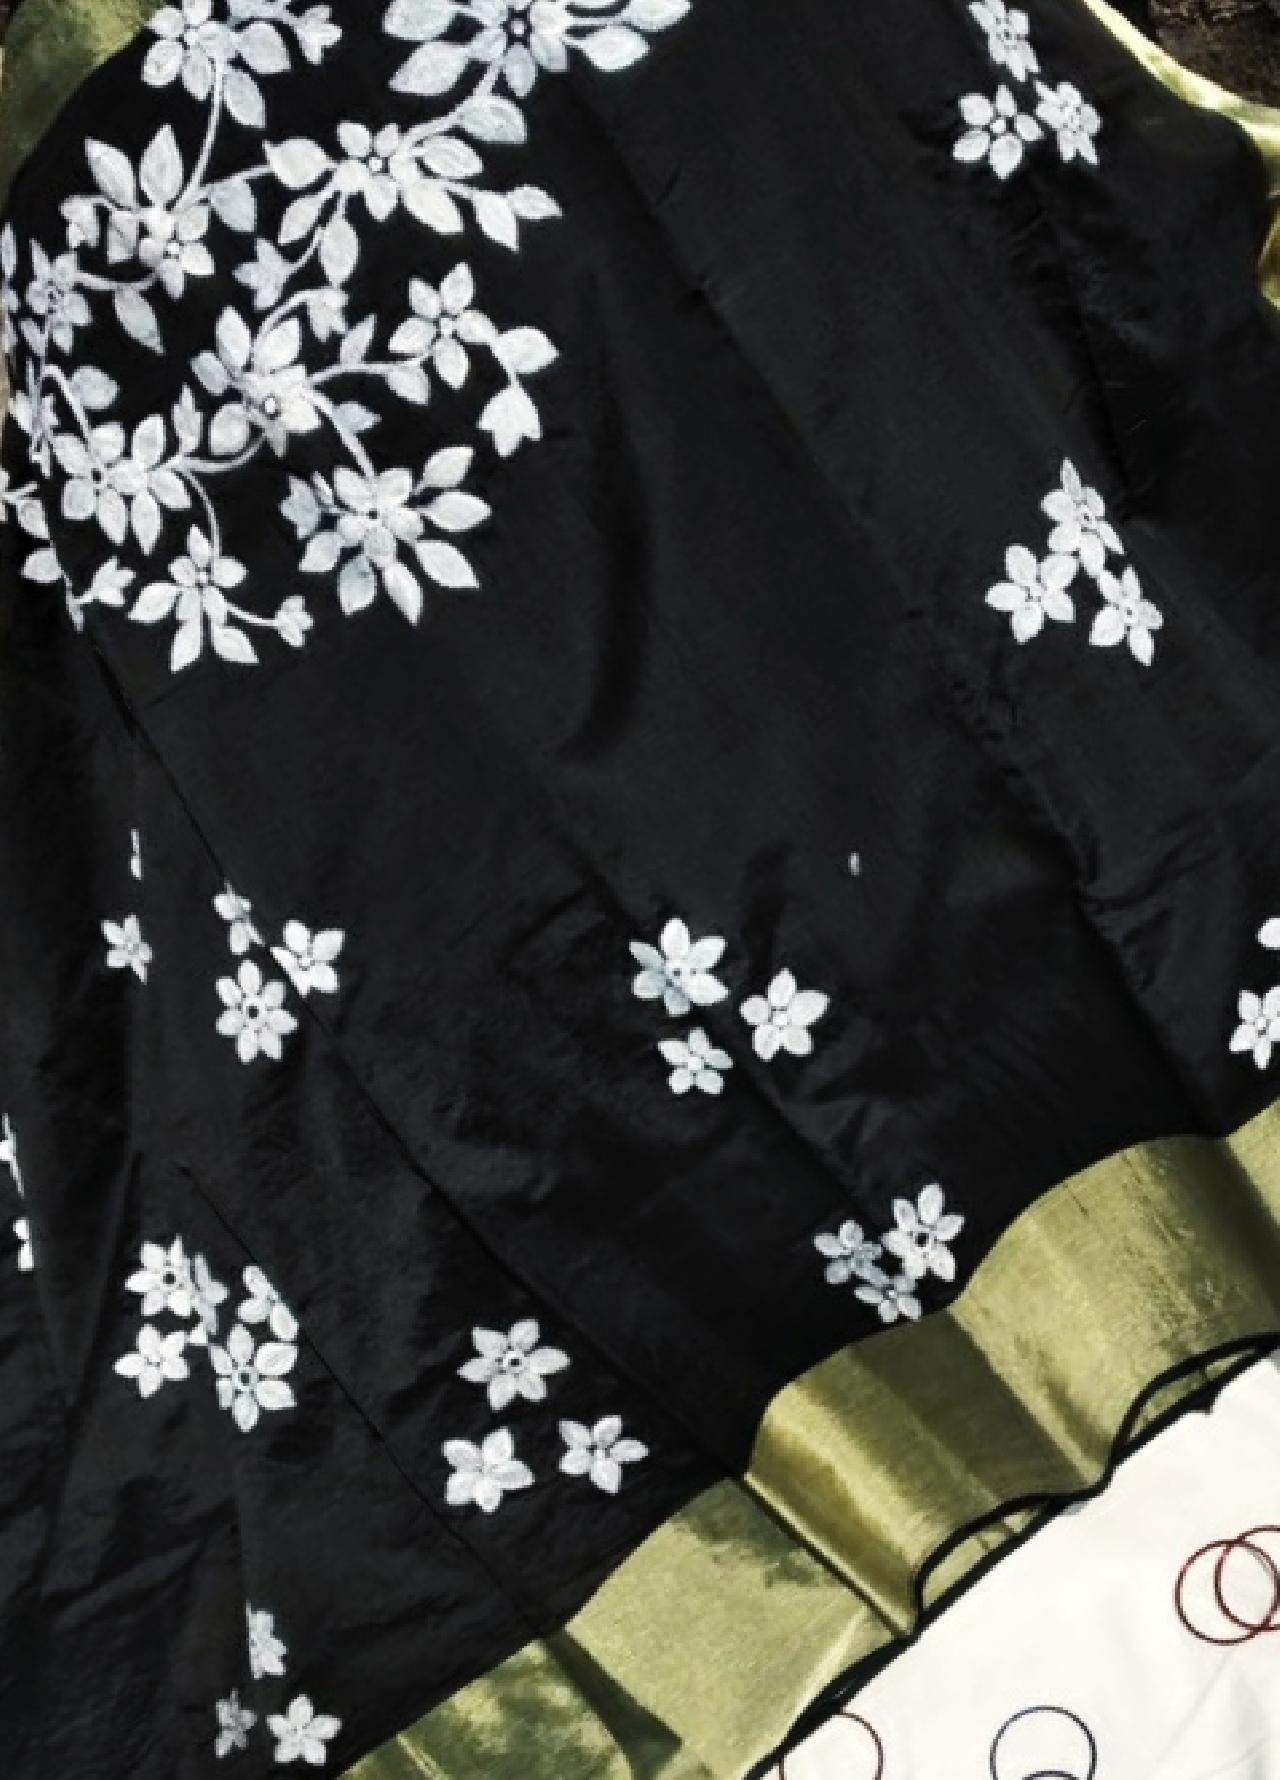 হ্যান্ড পেইন্ট ও কাঁথা ইস্টিজ এর কারুকার্য শোভিত হাফ সিল্ক শাড়ী।